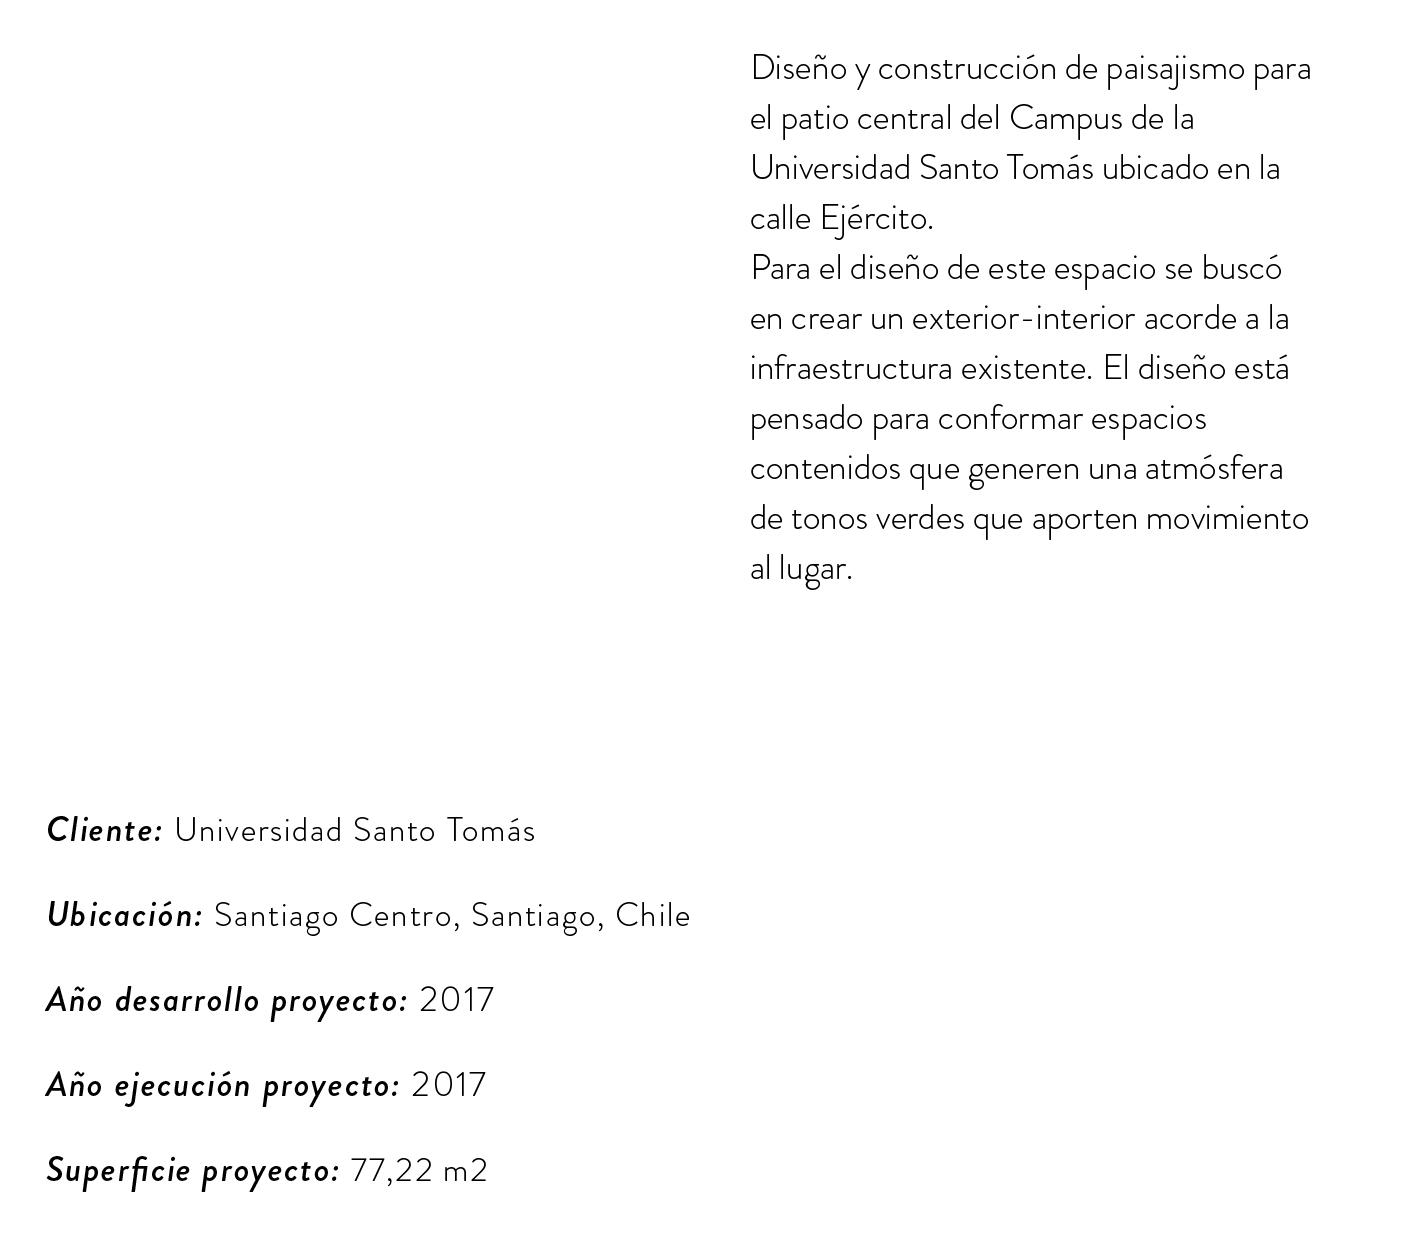 Formato Panoramico SANTO TOMAS EJERCITO-02.jpg